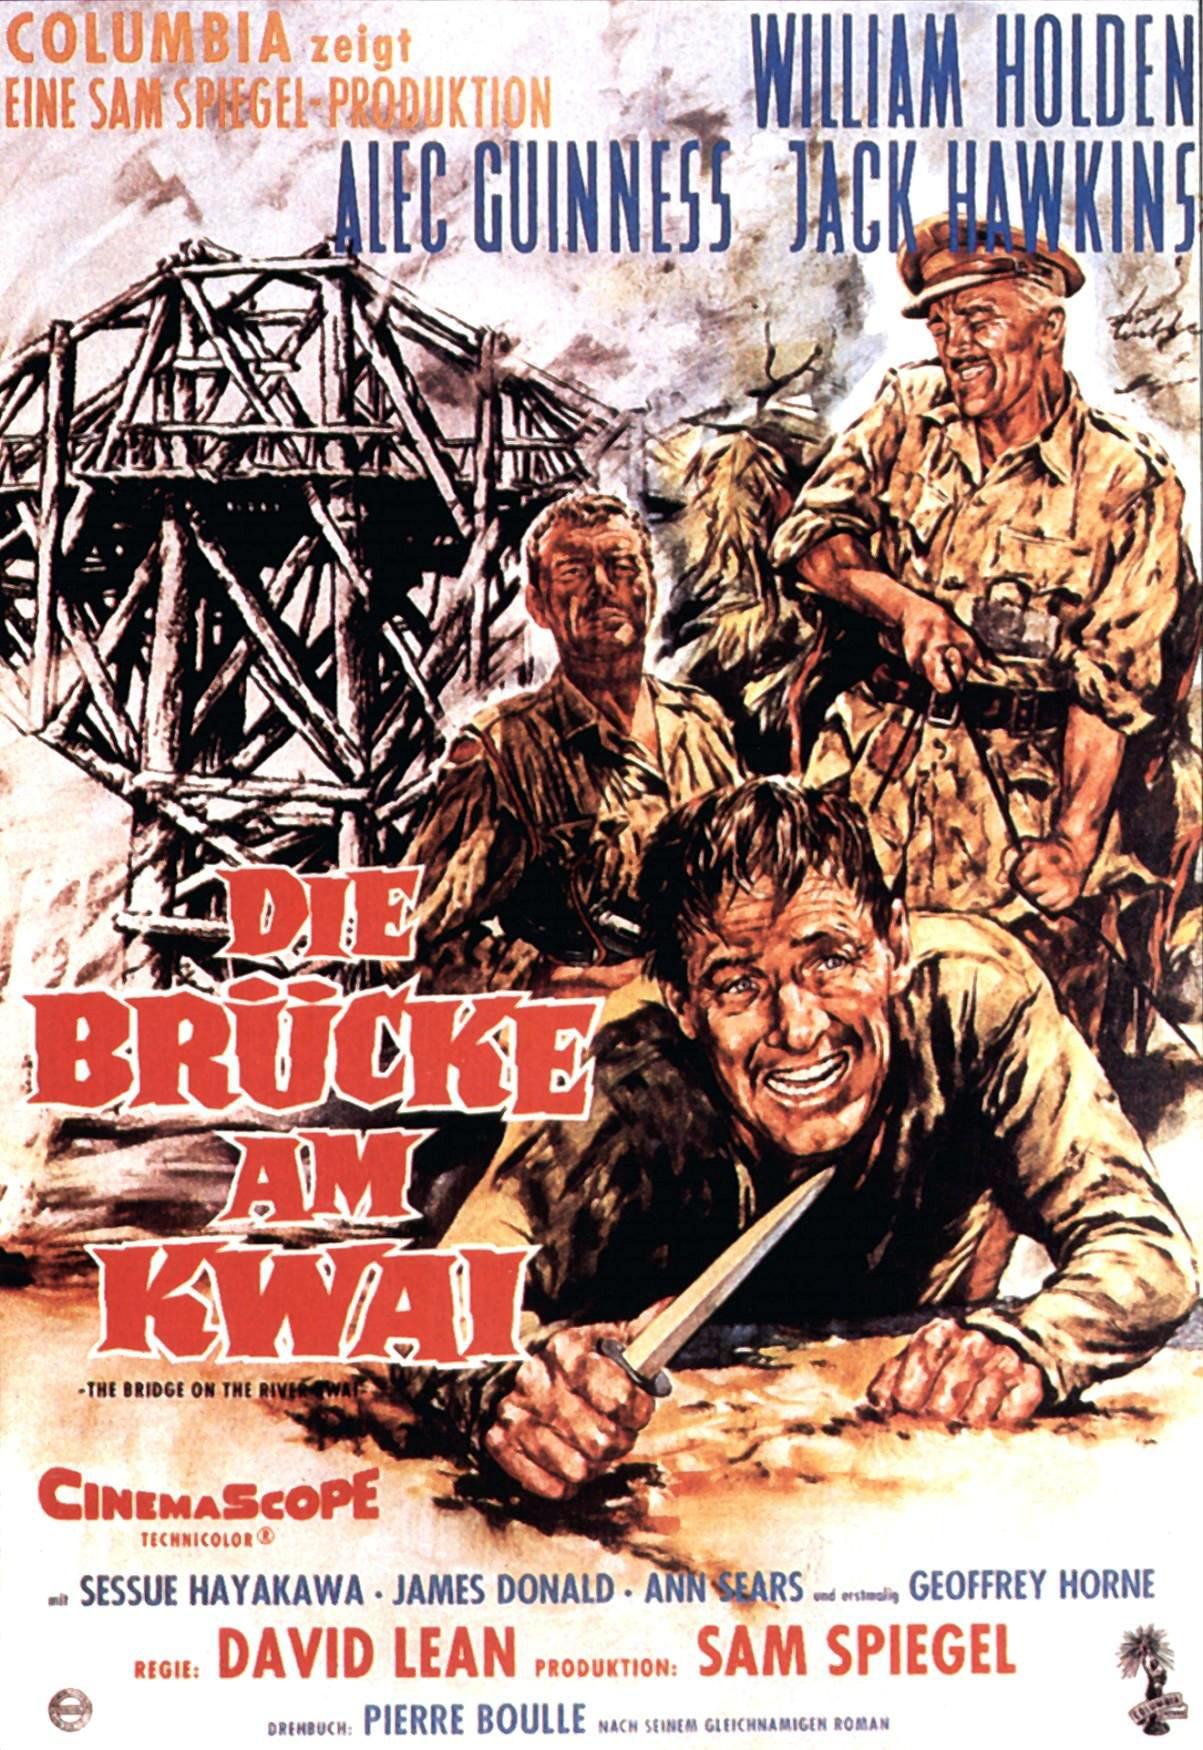 デヴィッド・リーン監督の戦場にかける橋という映画